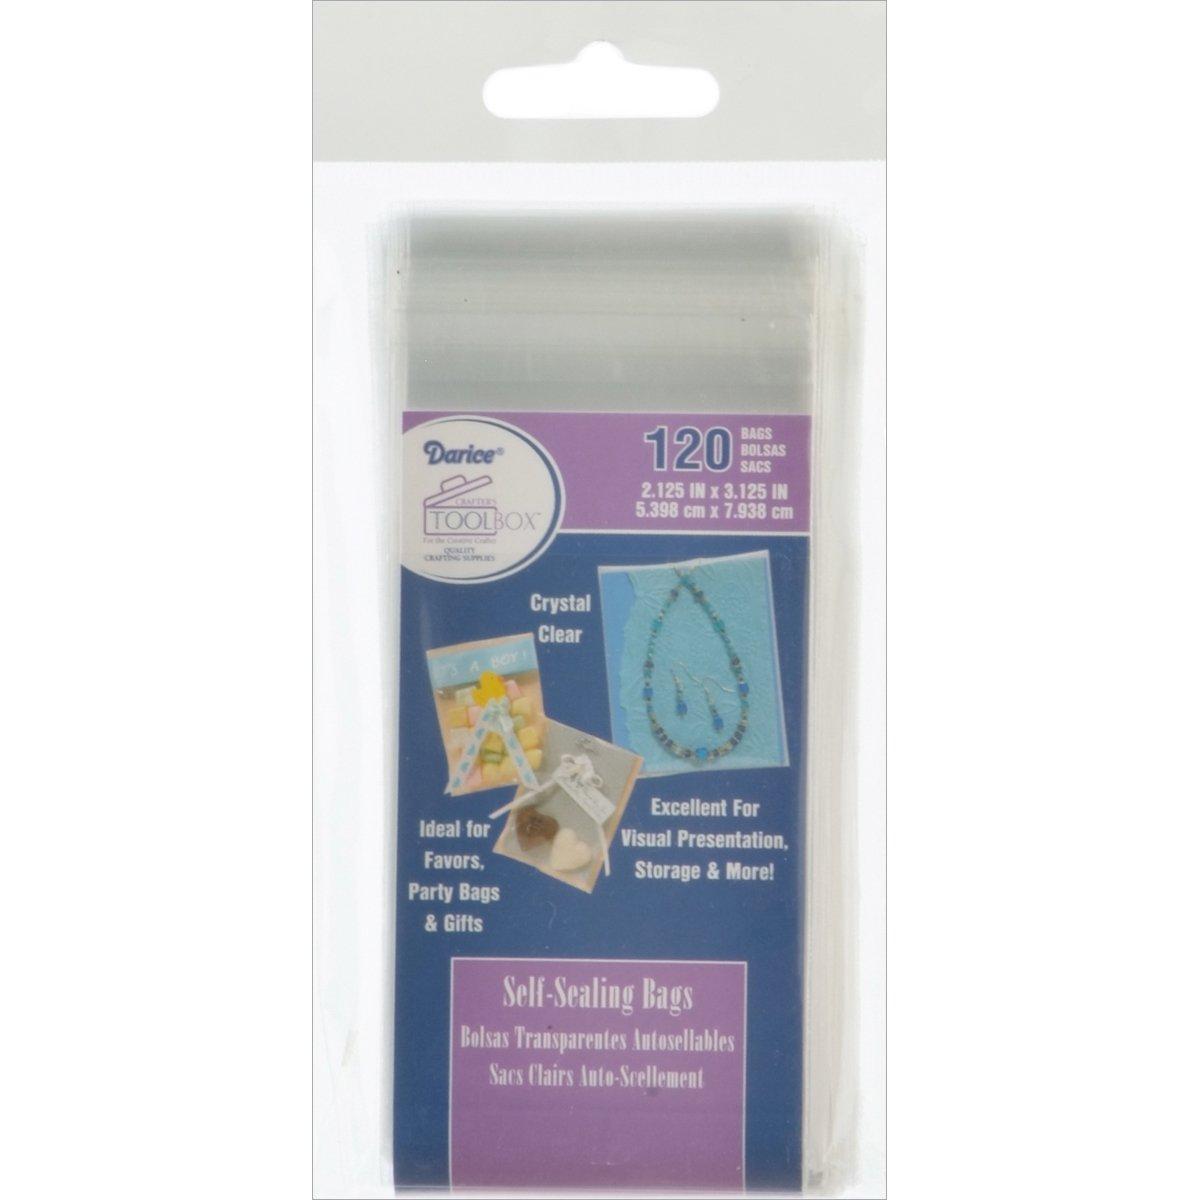 Darice Self-Sealing Bags 120/Pkg-2.125